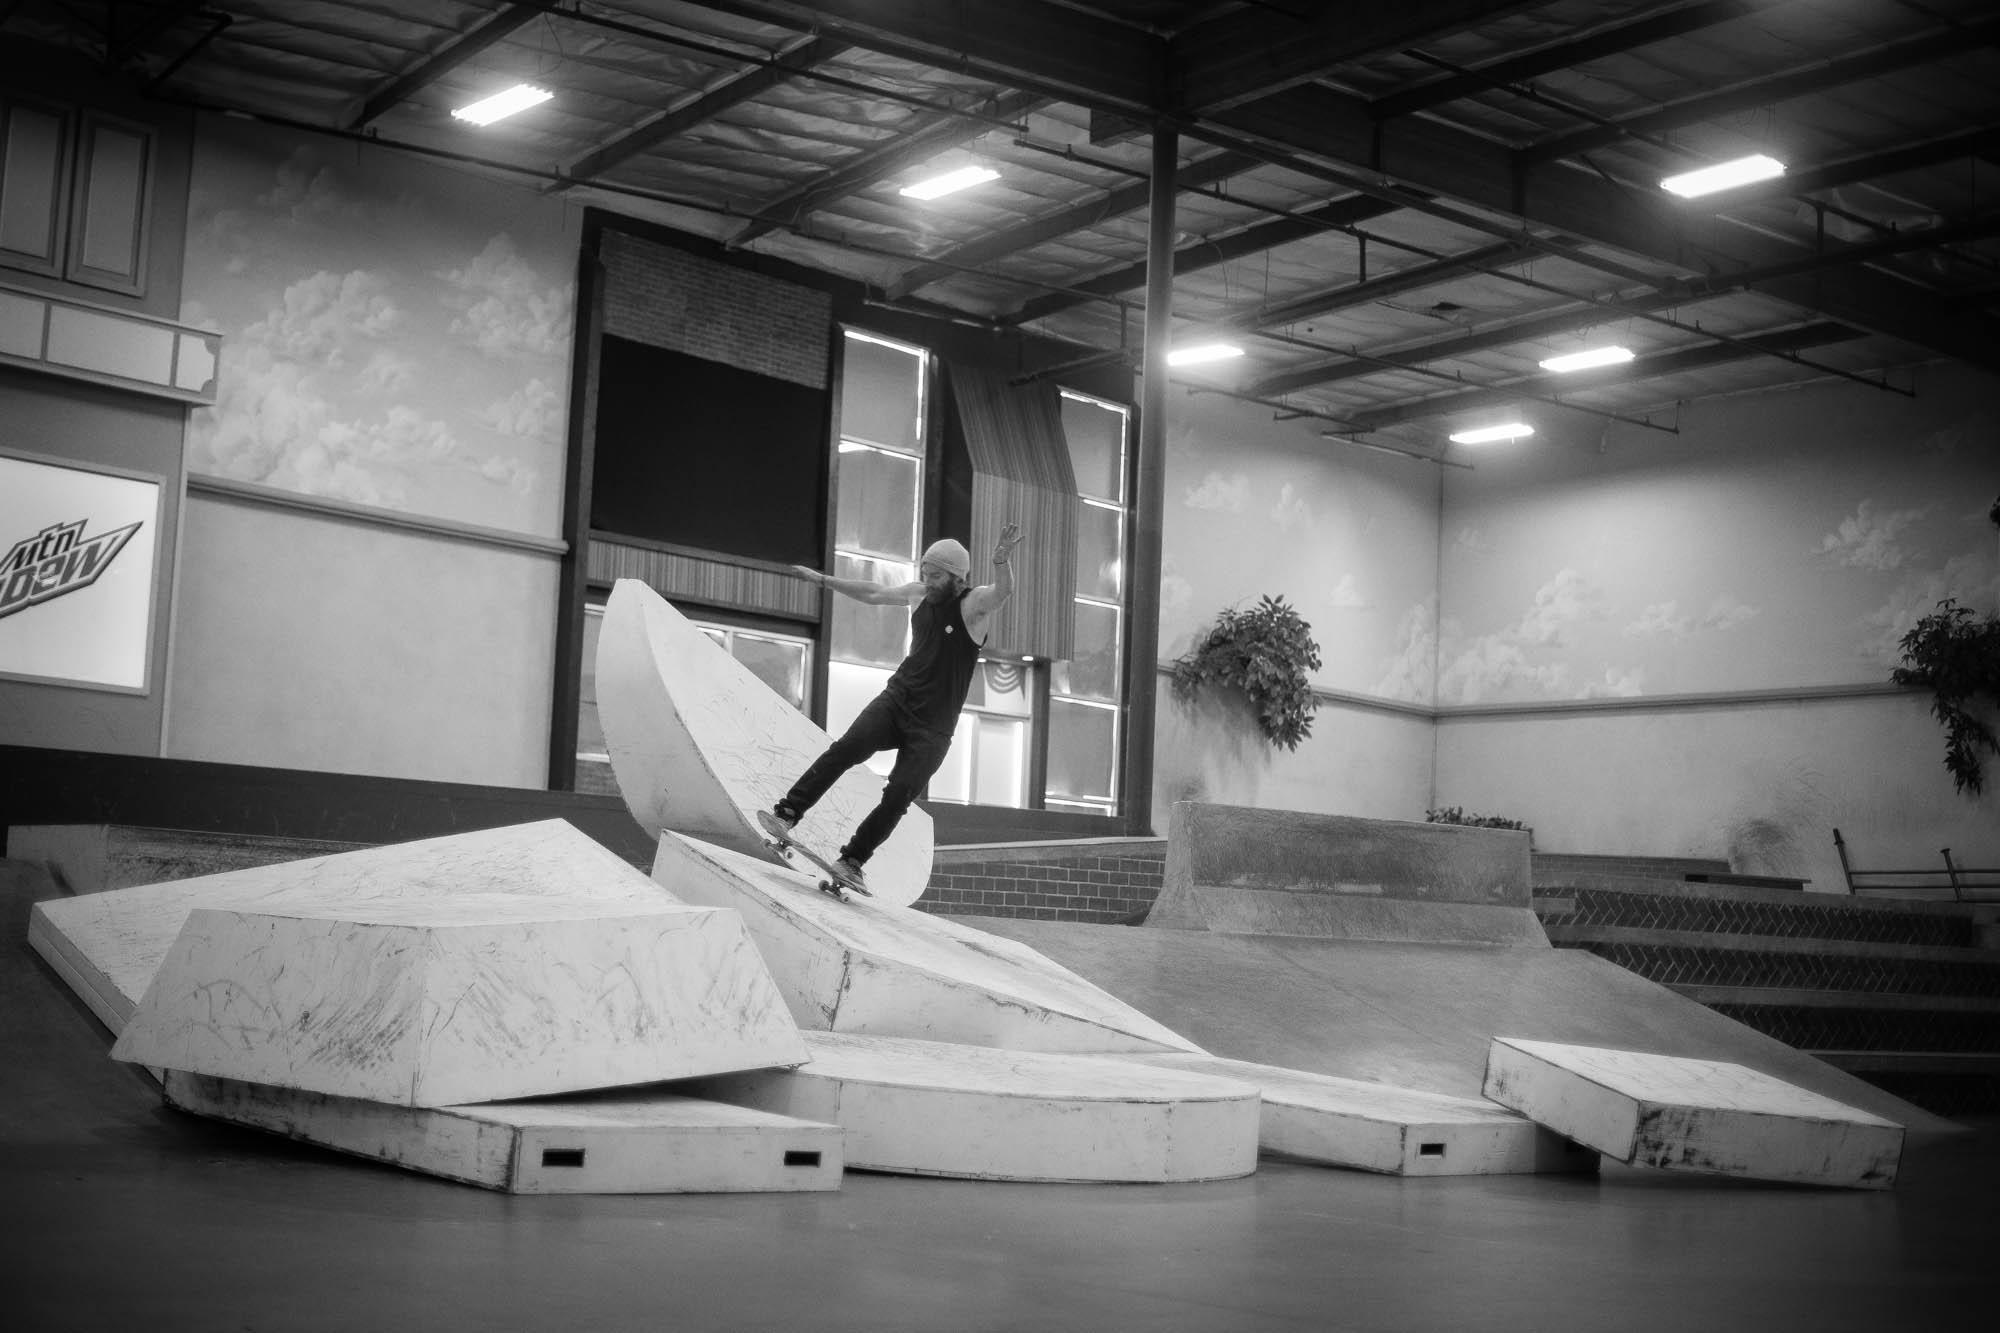 Almost_Skateboards_Chris_Haslam_2up_winner8.jpg